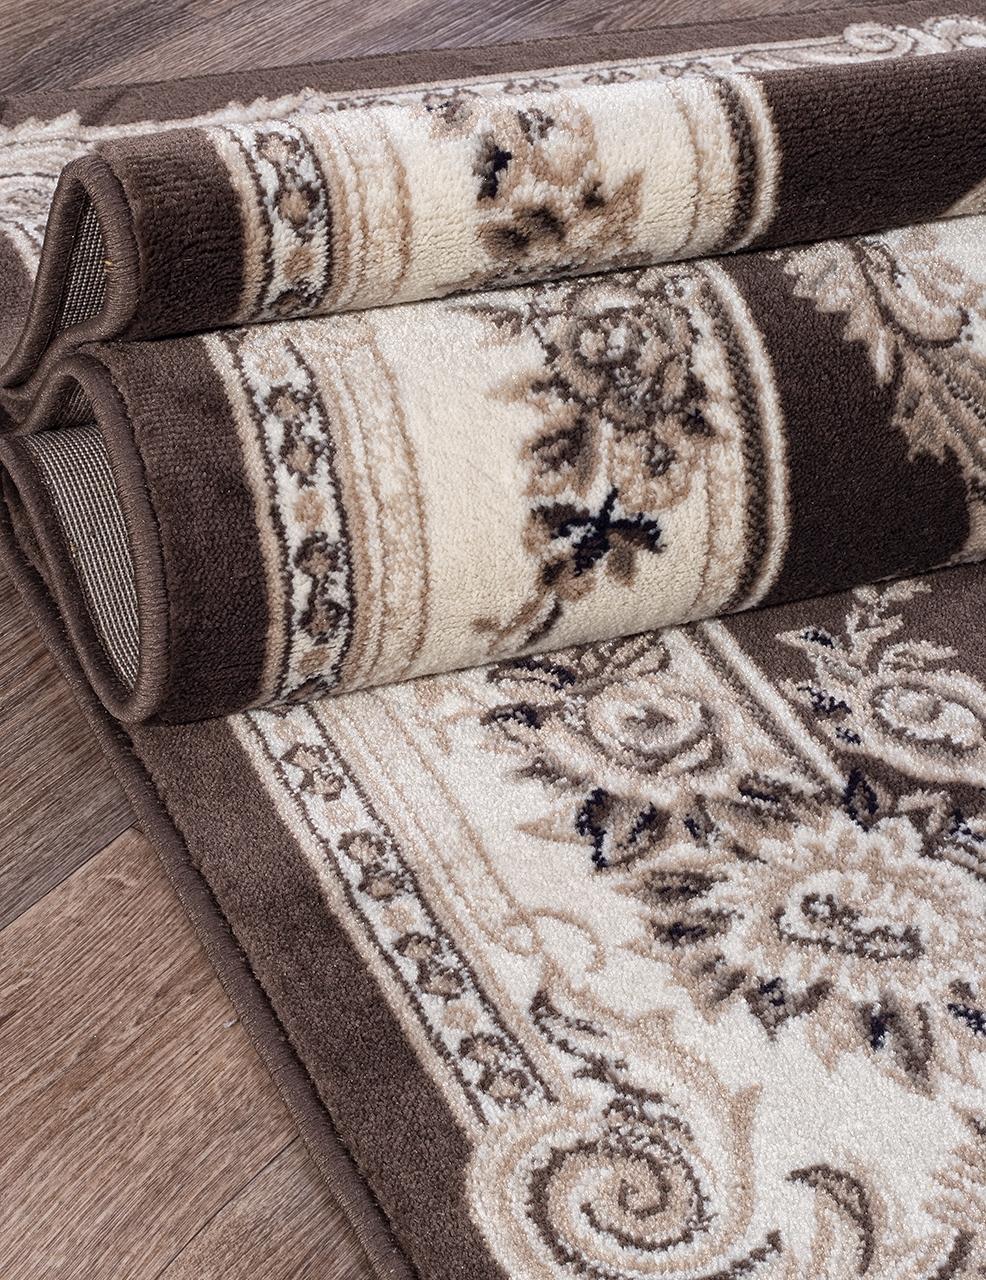 Ковер 4015 - BROWN - Прямоугольник - коллекция VALENCIA DELUXE - фото 3